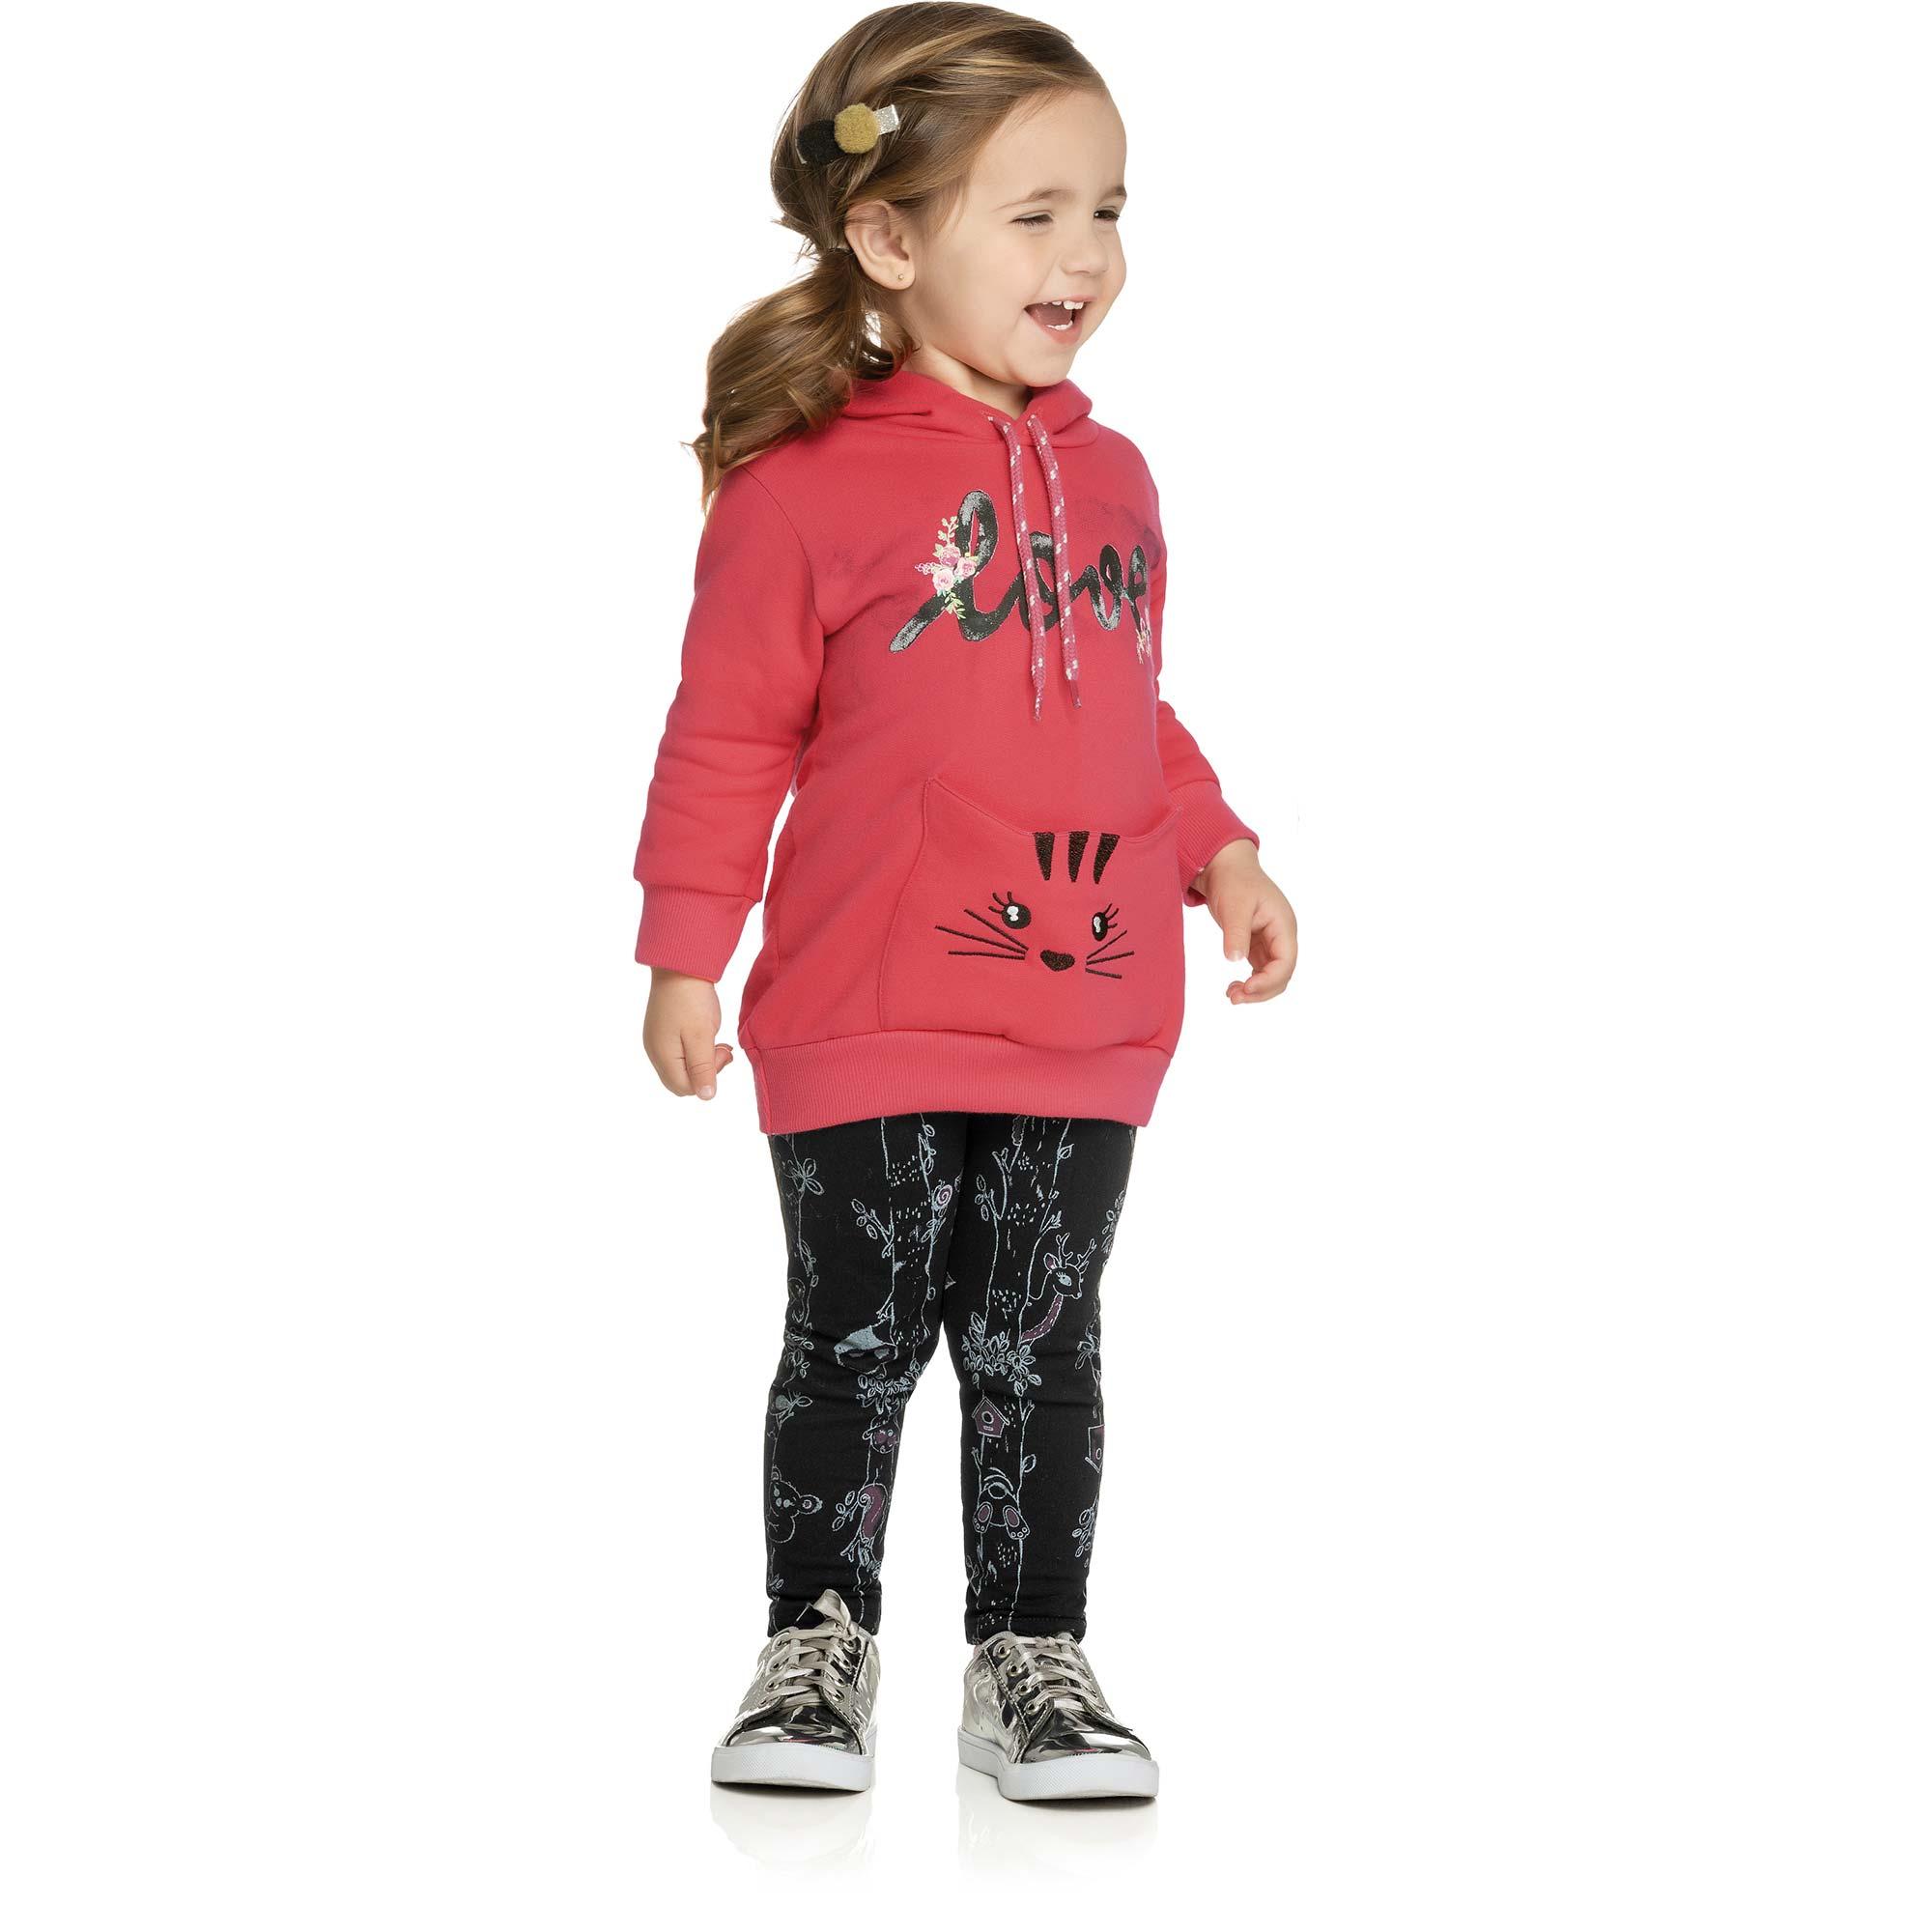 Conjunto Infantil Elian com Blusão e Legging - Ref 231158 - Goiaba